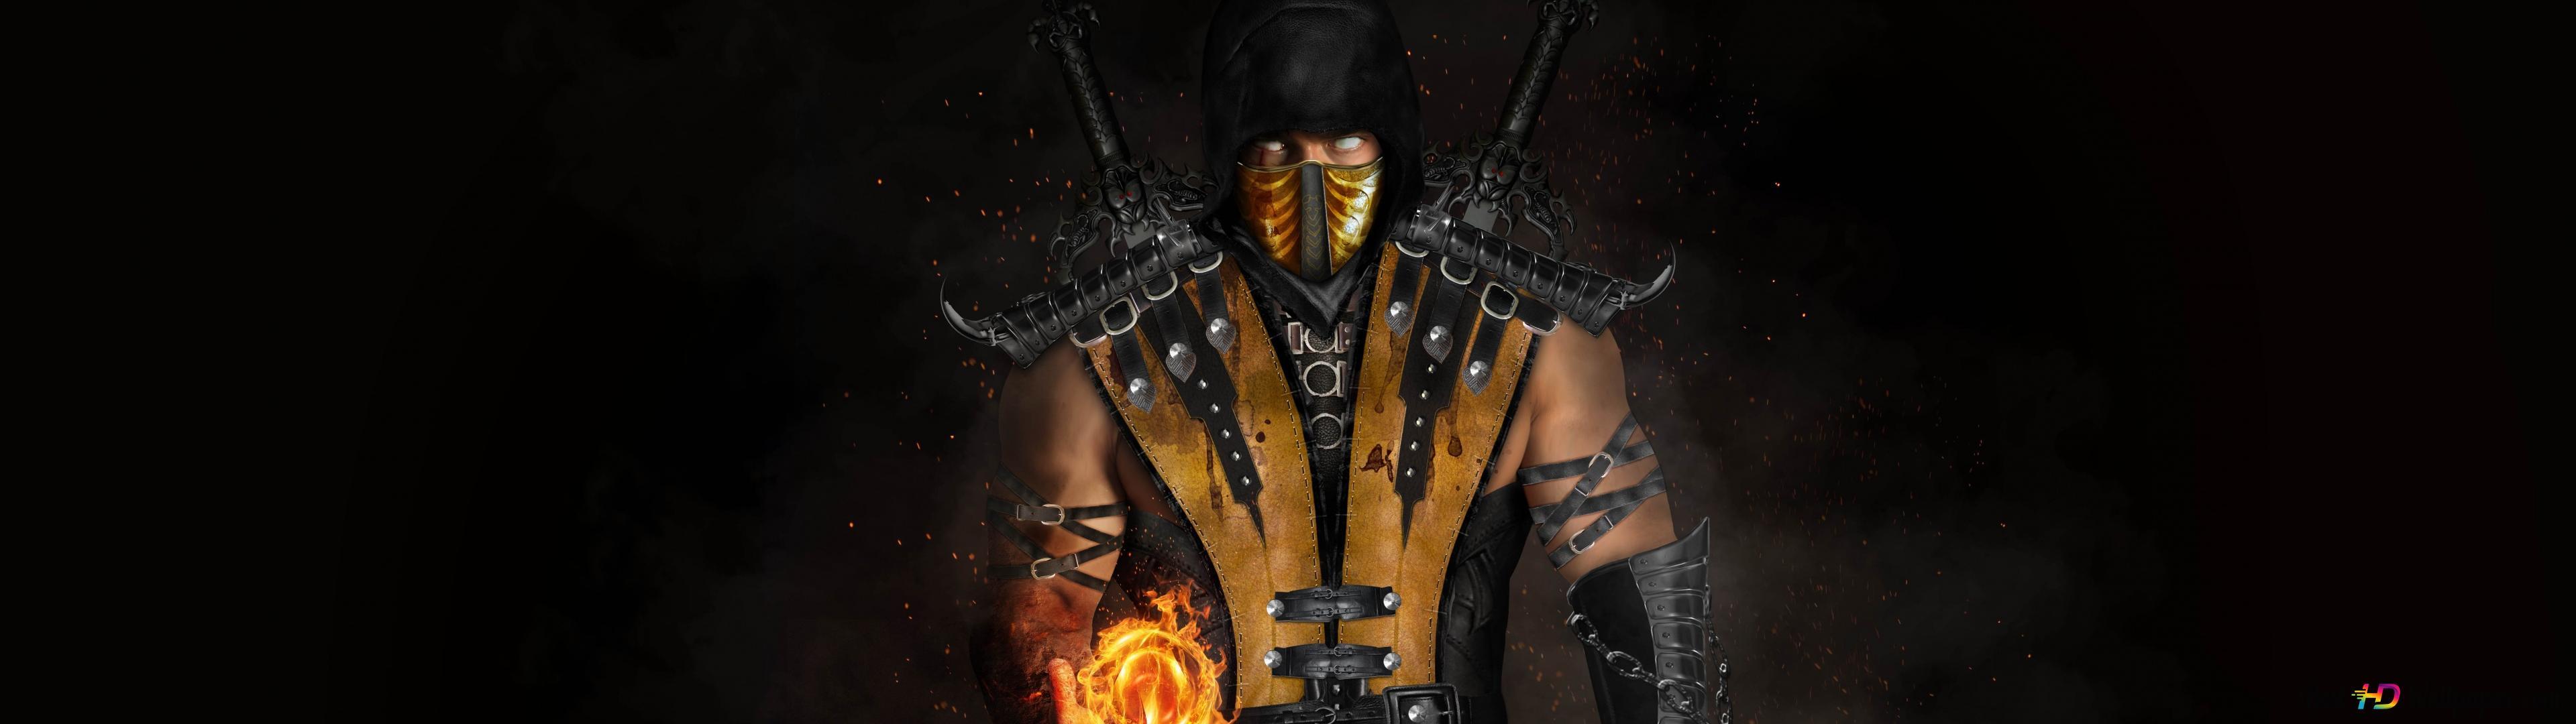 Mortal kombat x - scorpion HD wallpaper